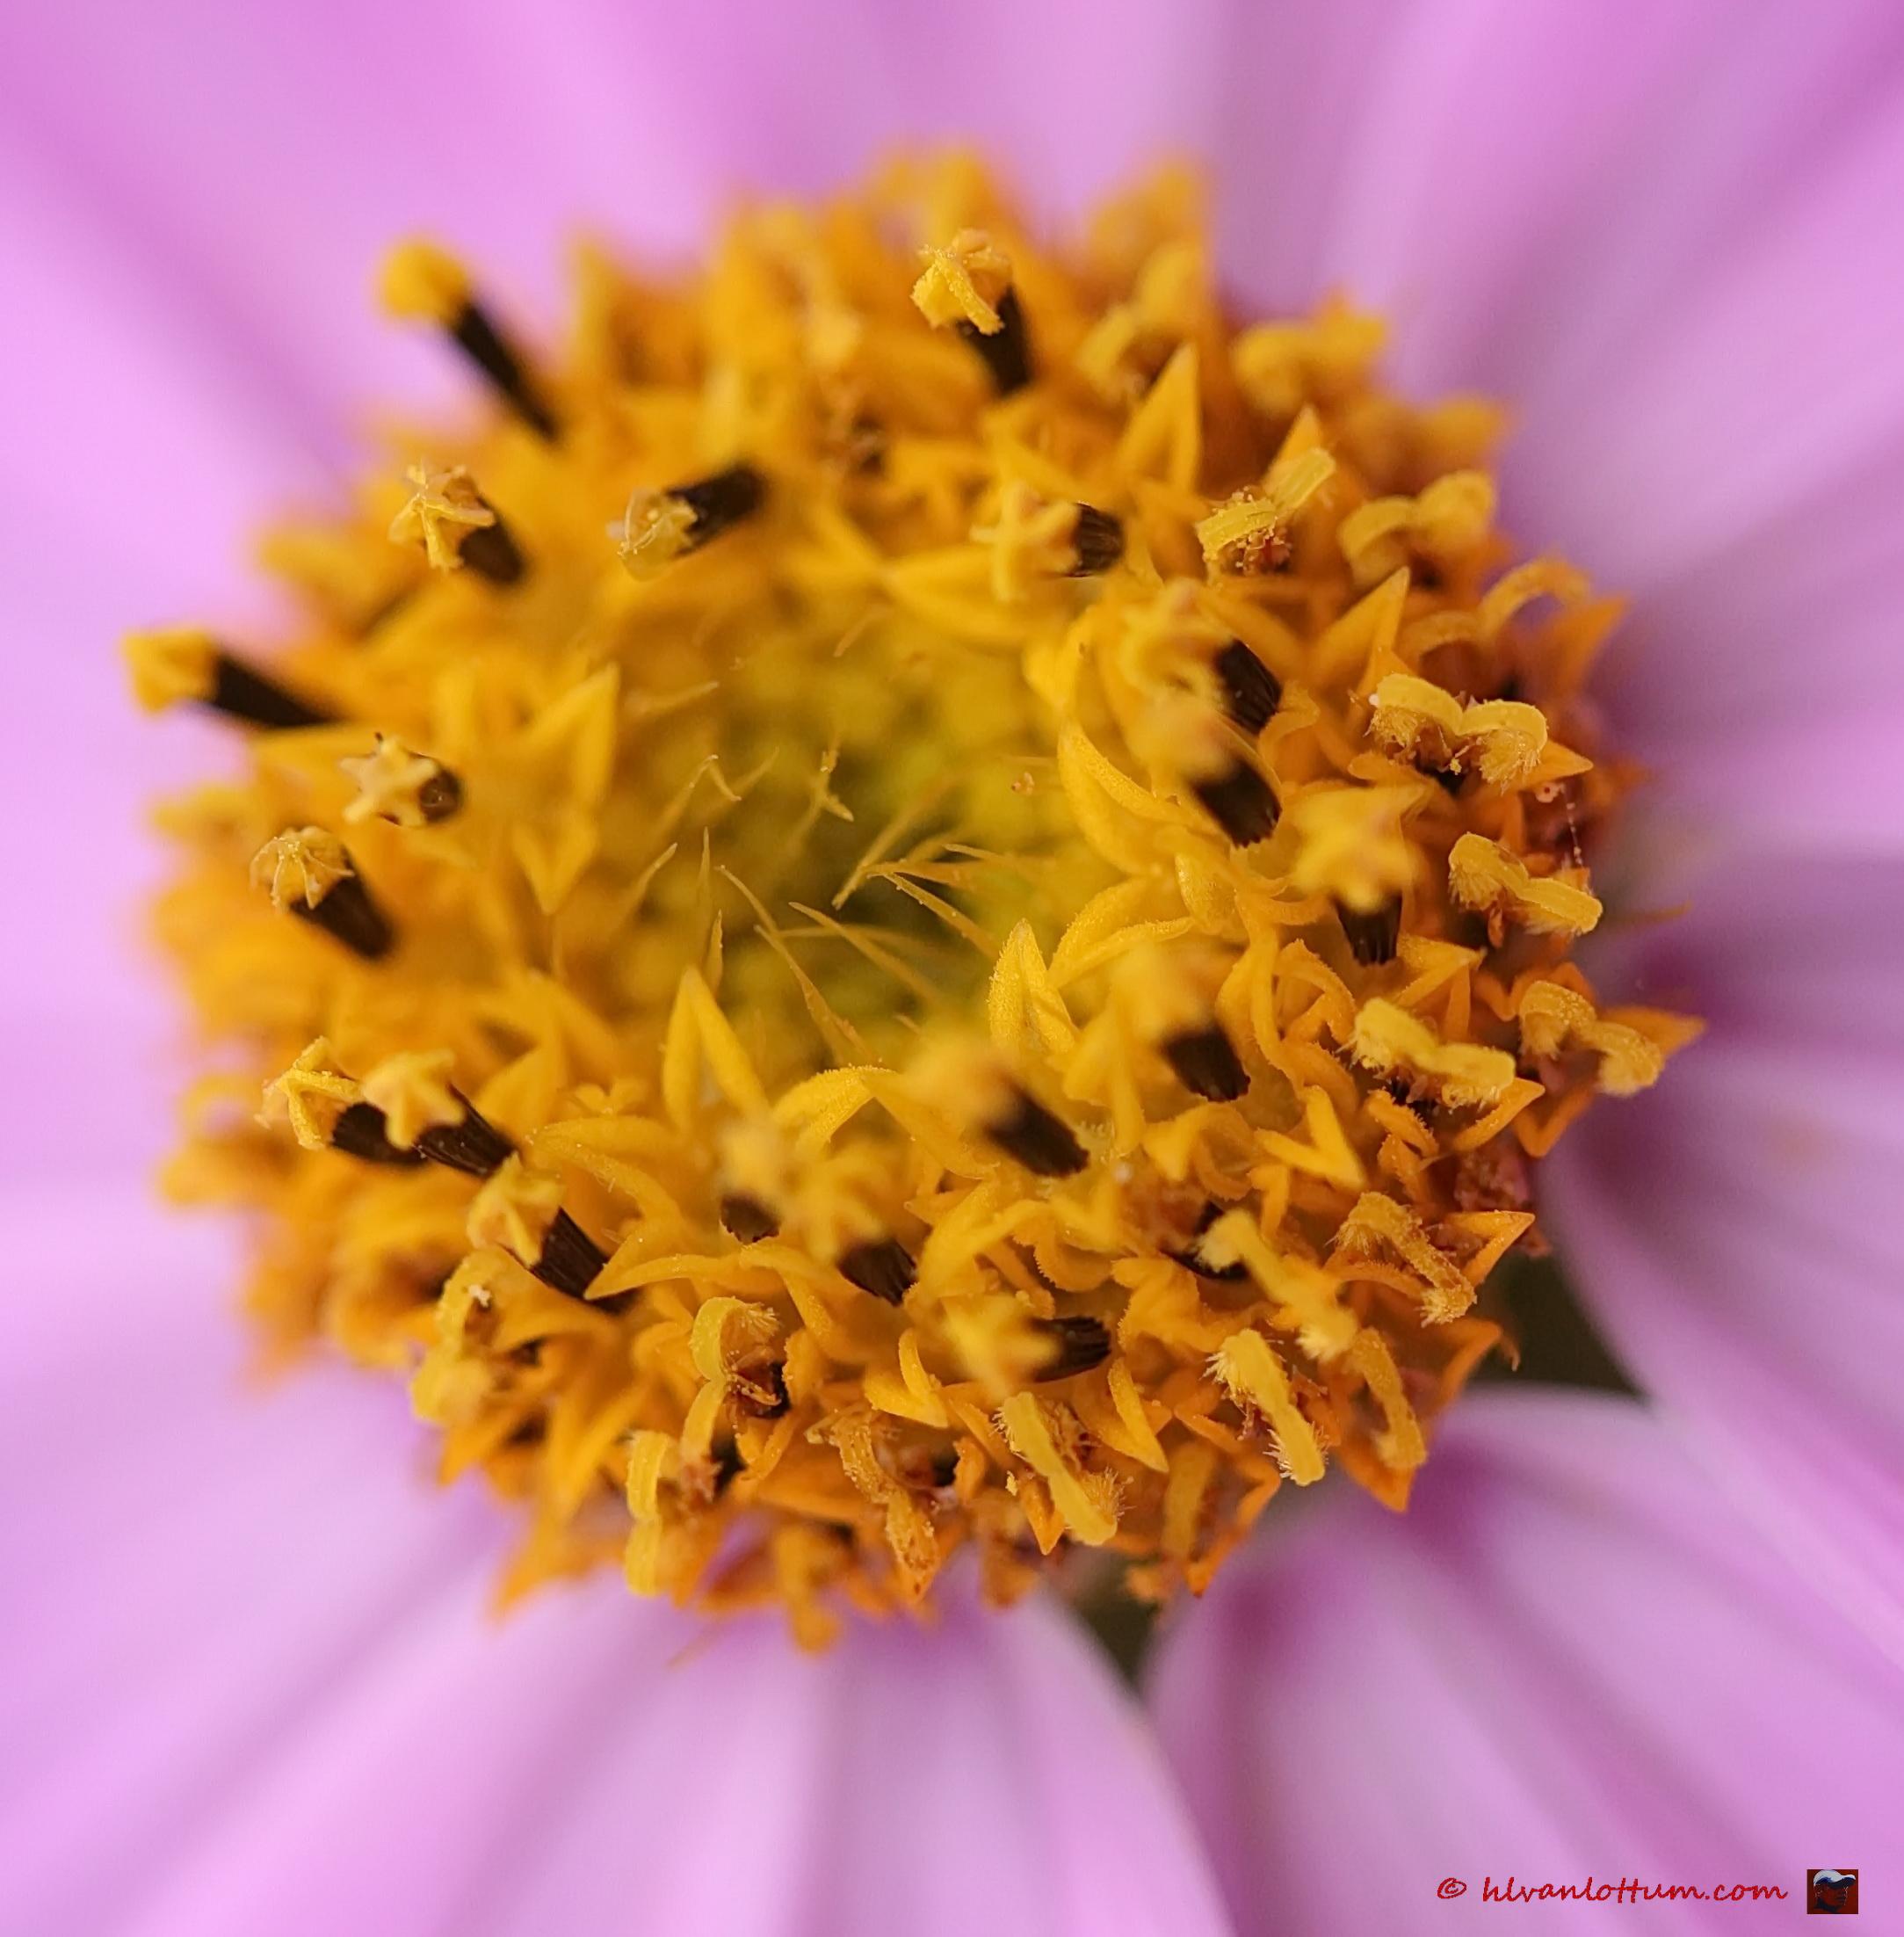 Roze cosmos - Cosmos bipinatus rosea